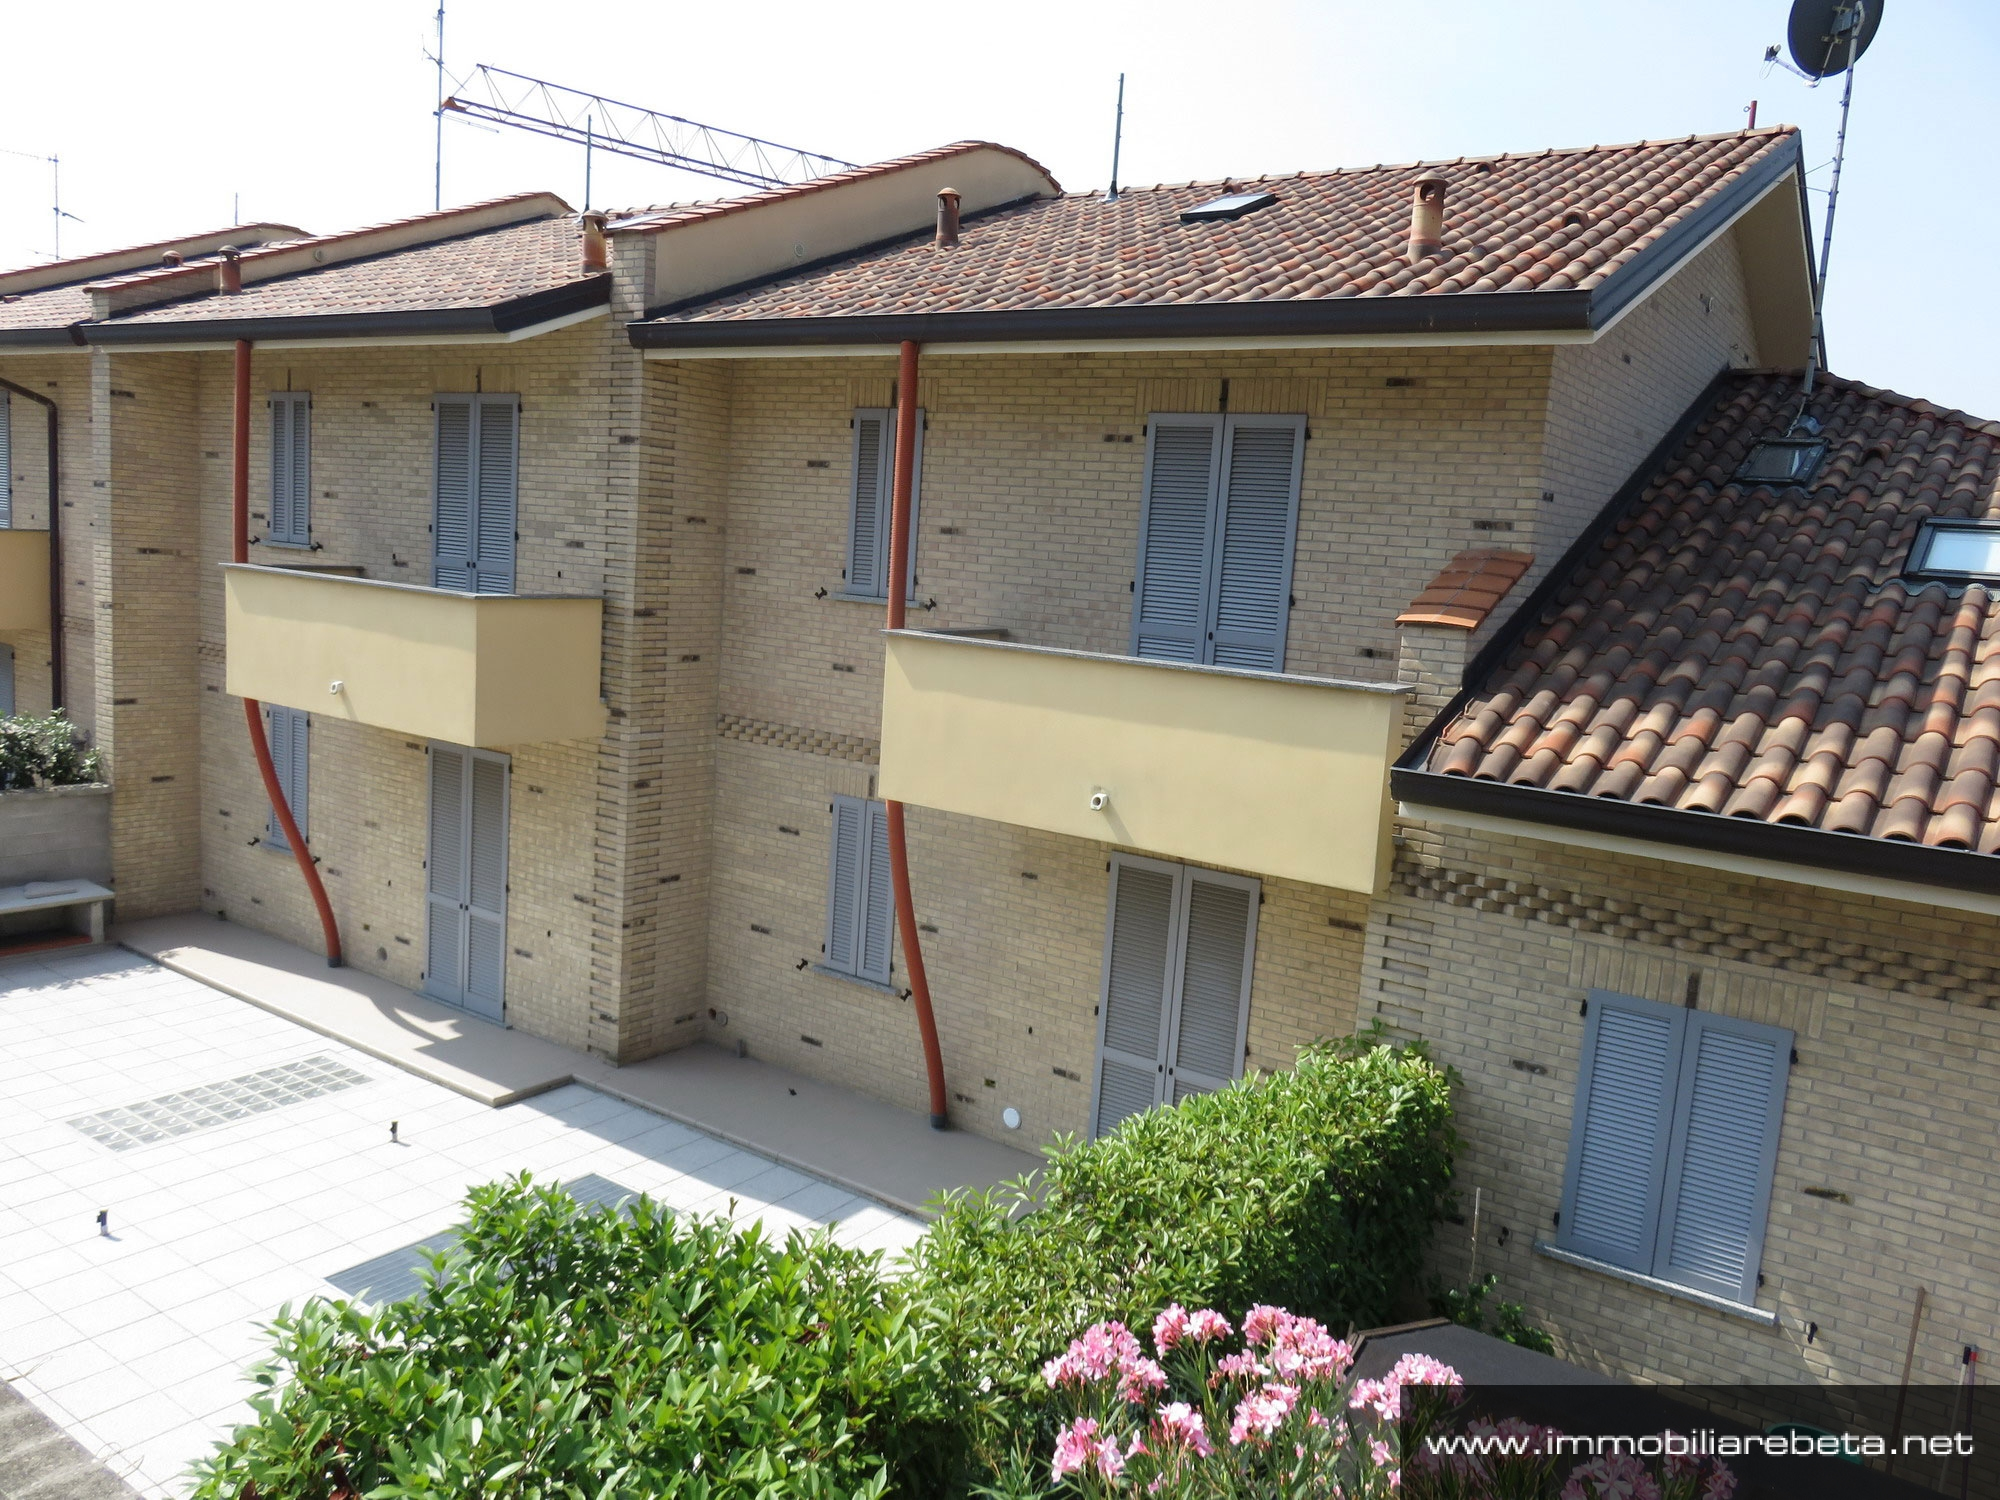 Progetti di villette top idee di design di piccole case a for Modelli villette